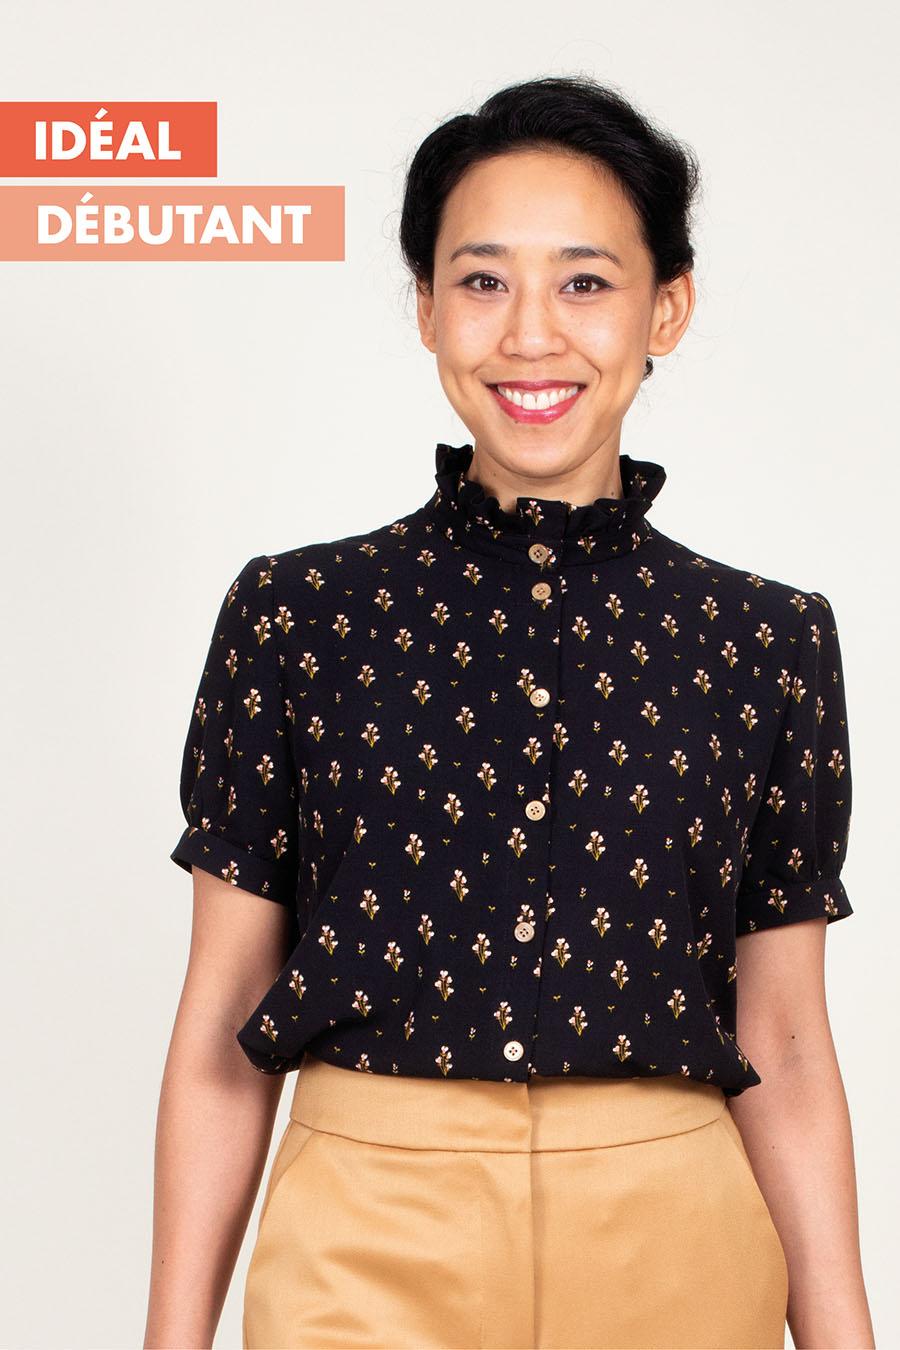 Ose Patterns - Haut KIM - Patron de couture débutant